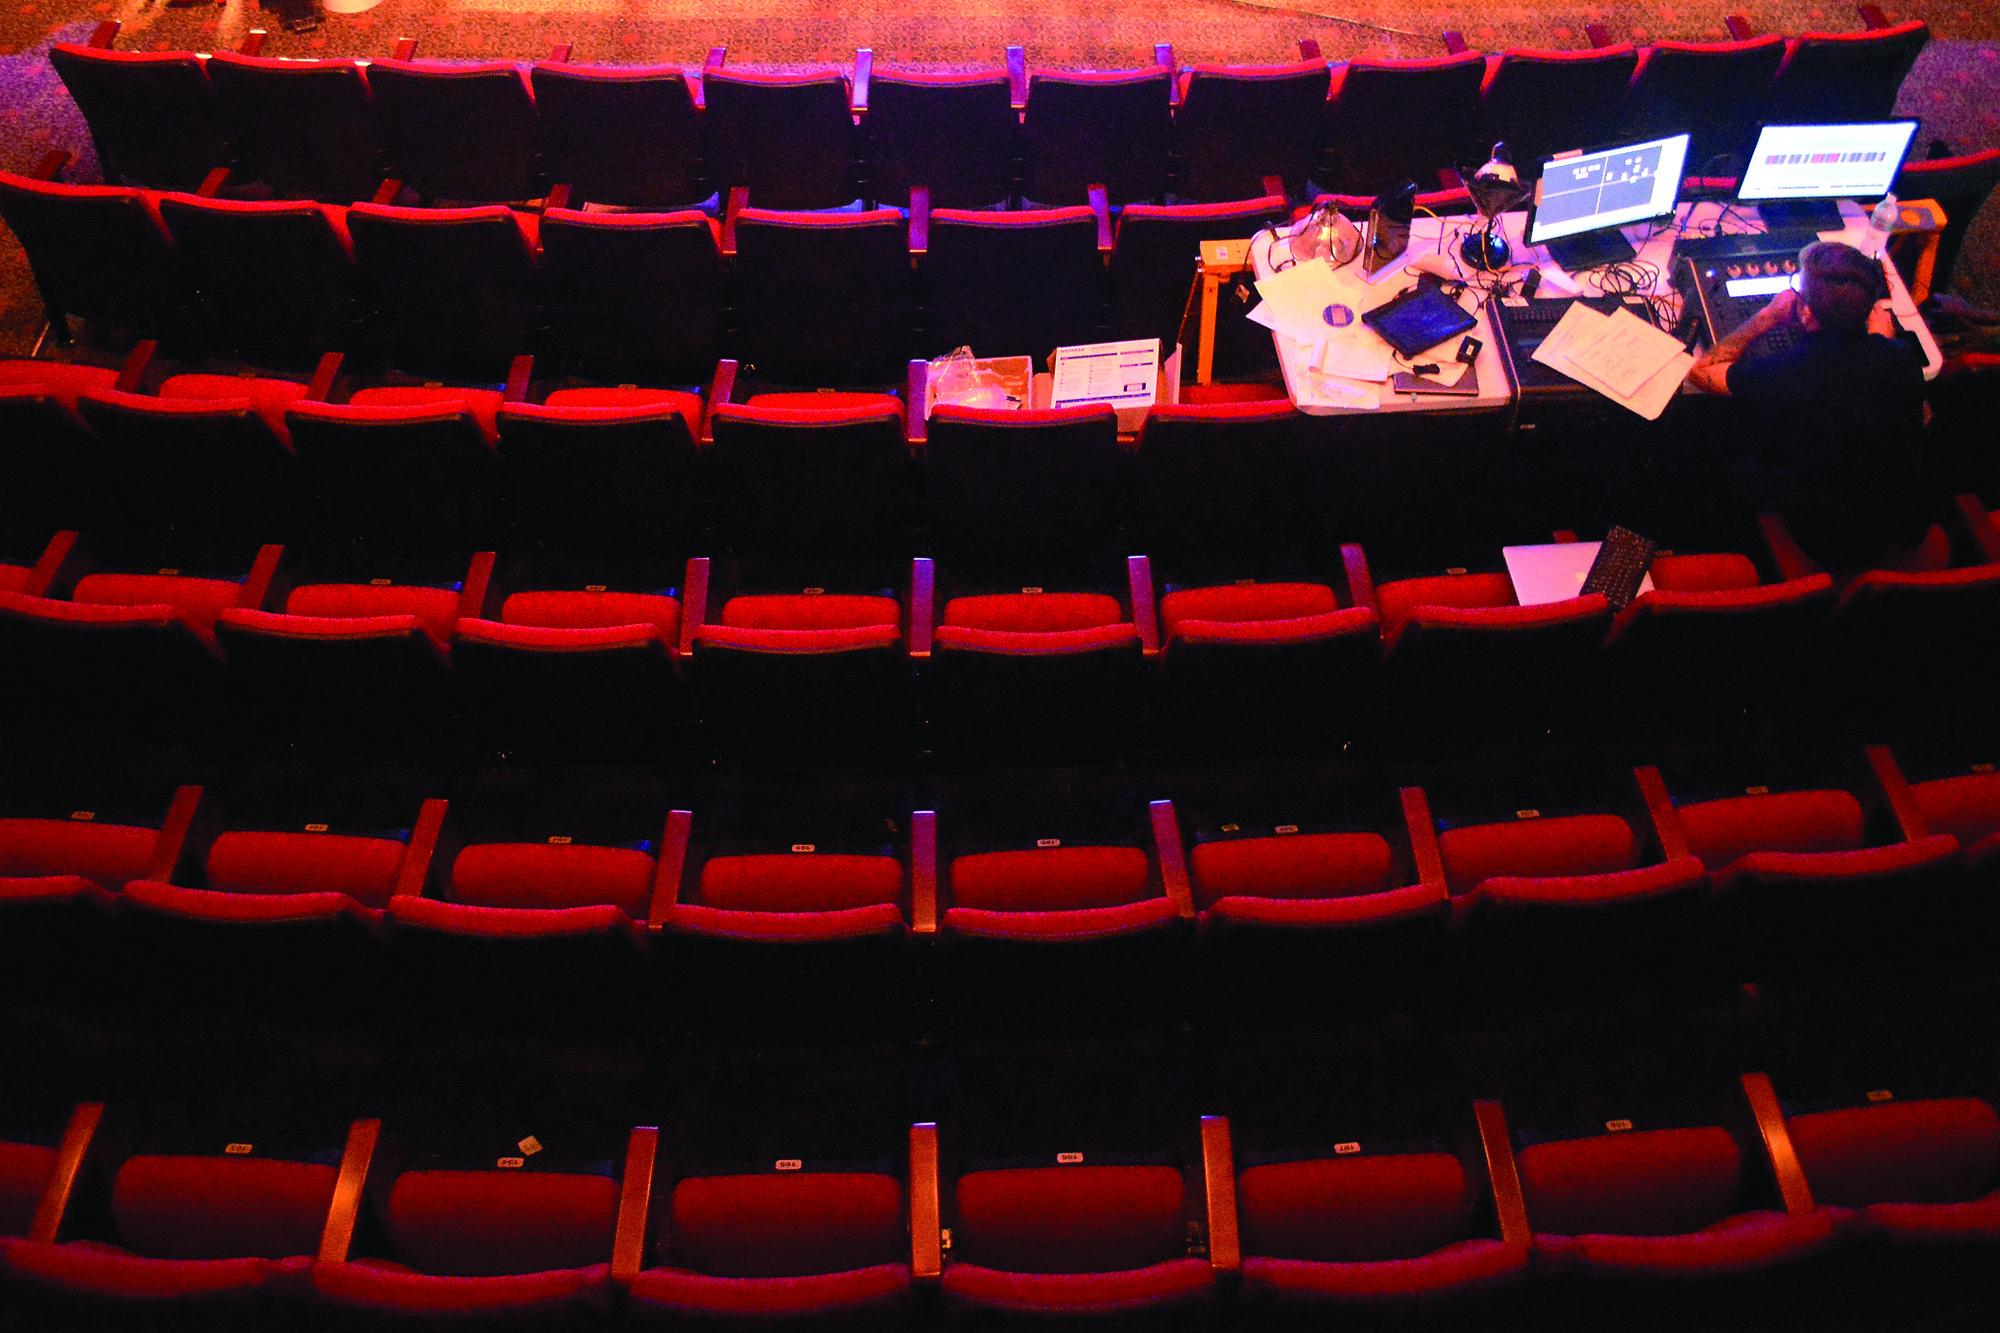 Le Petit Theatre celebrates 100th anniversary, creative direction